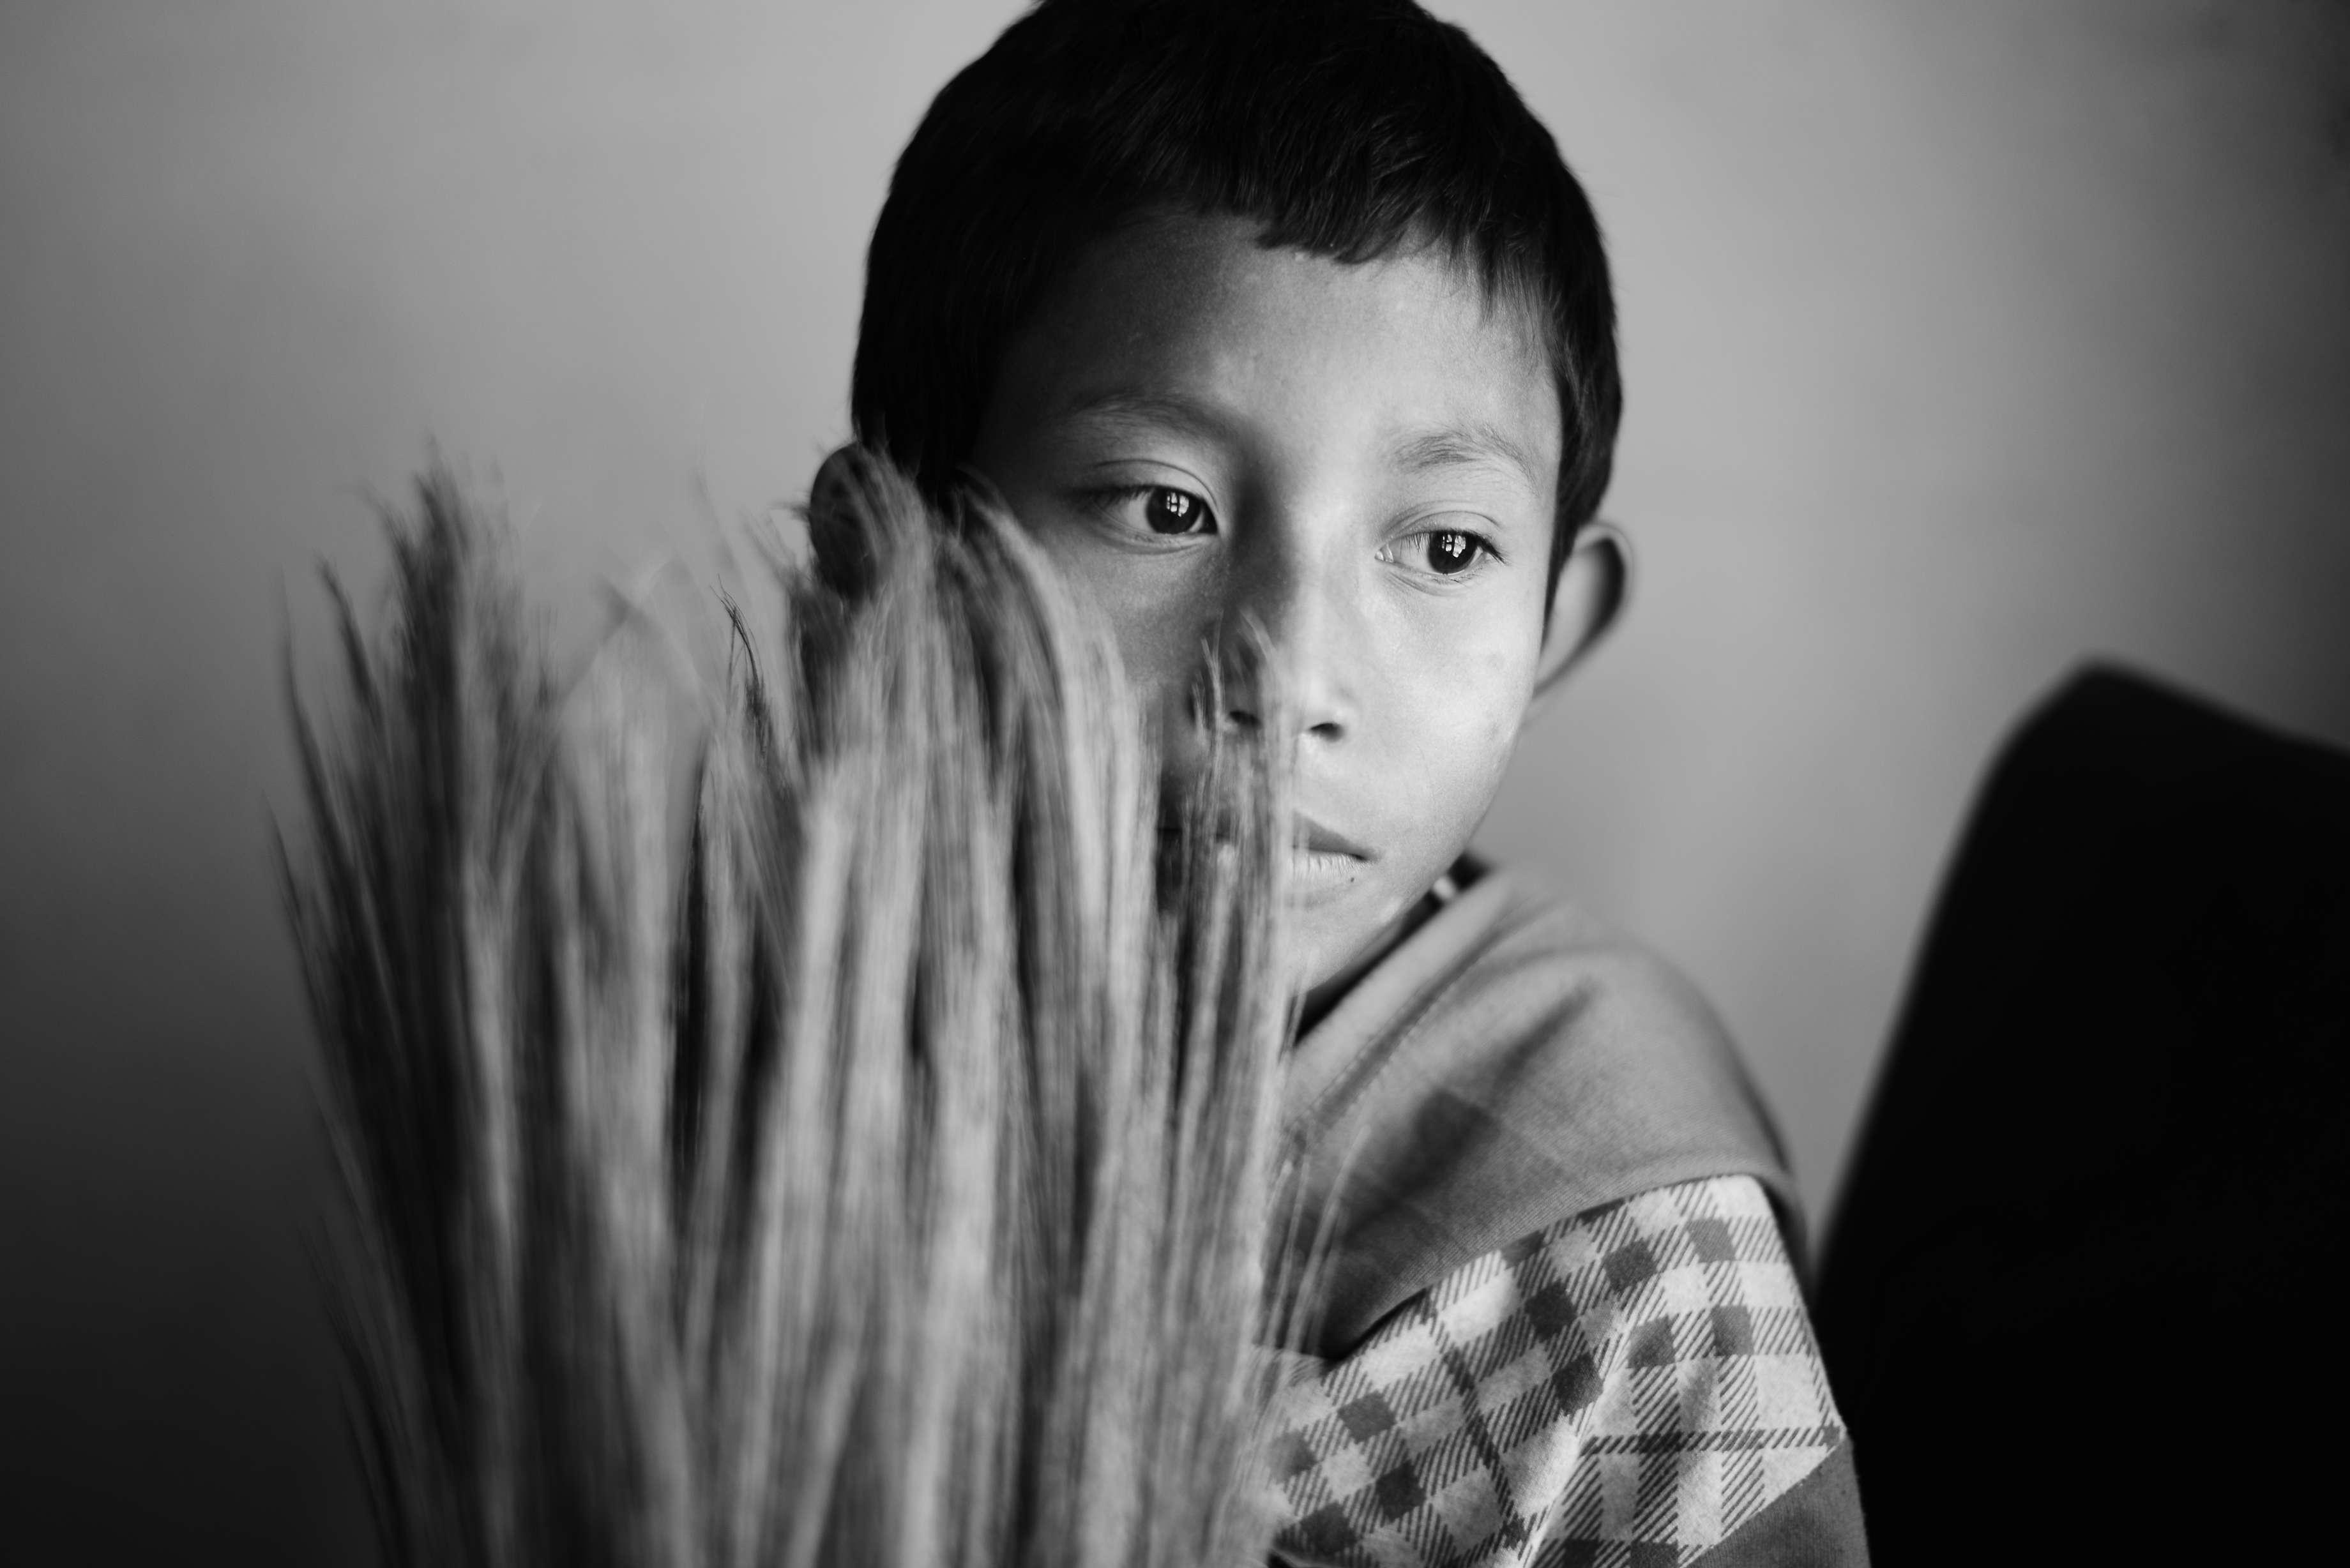 Bts photographie: un métier pour les passionnés